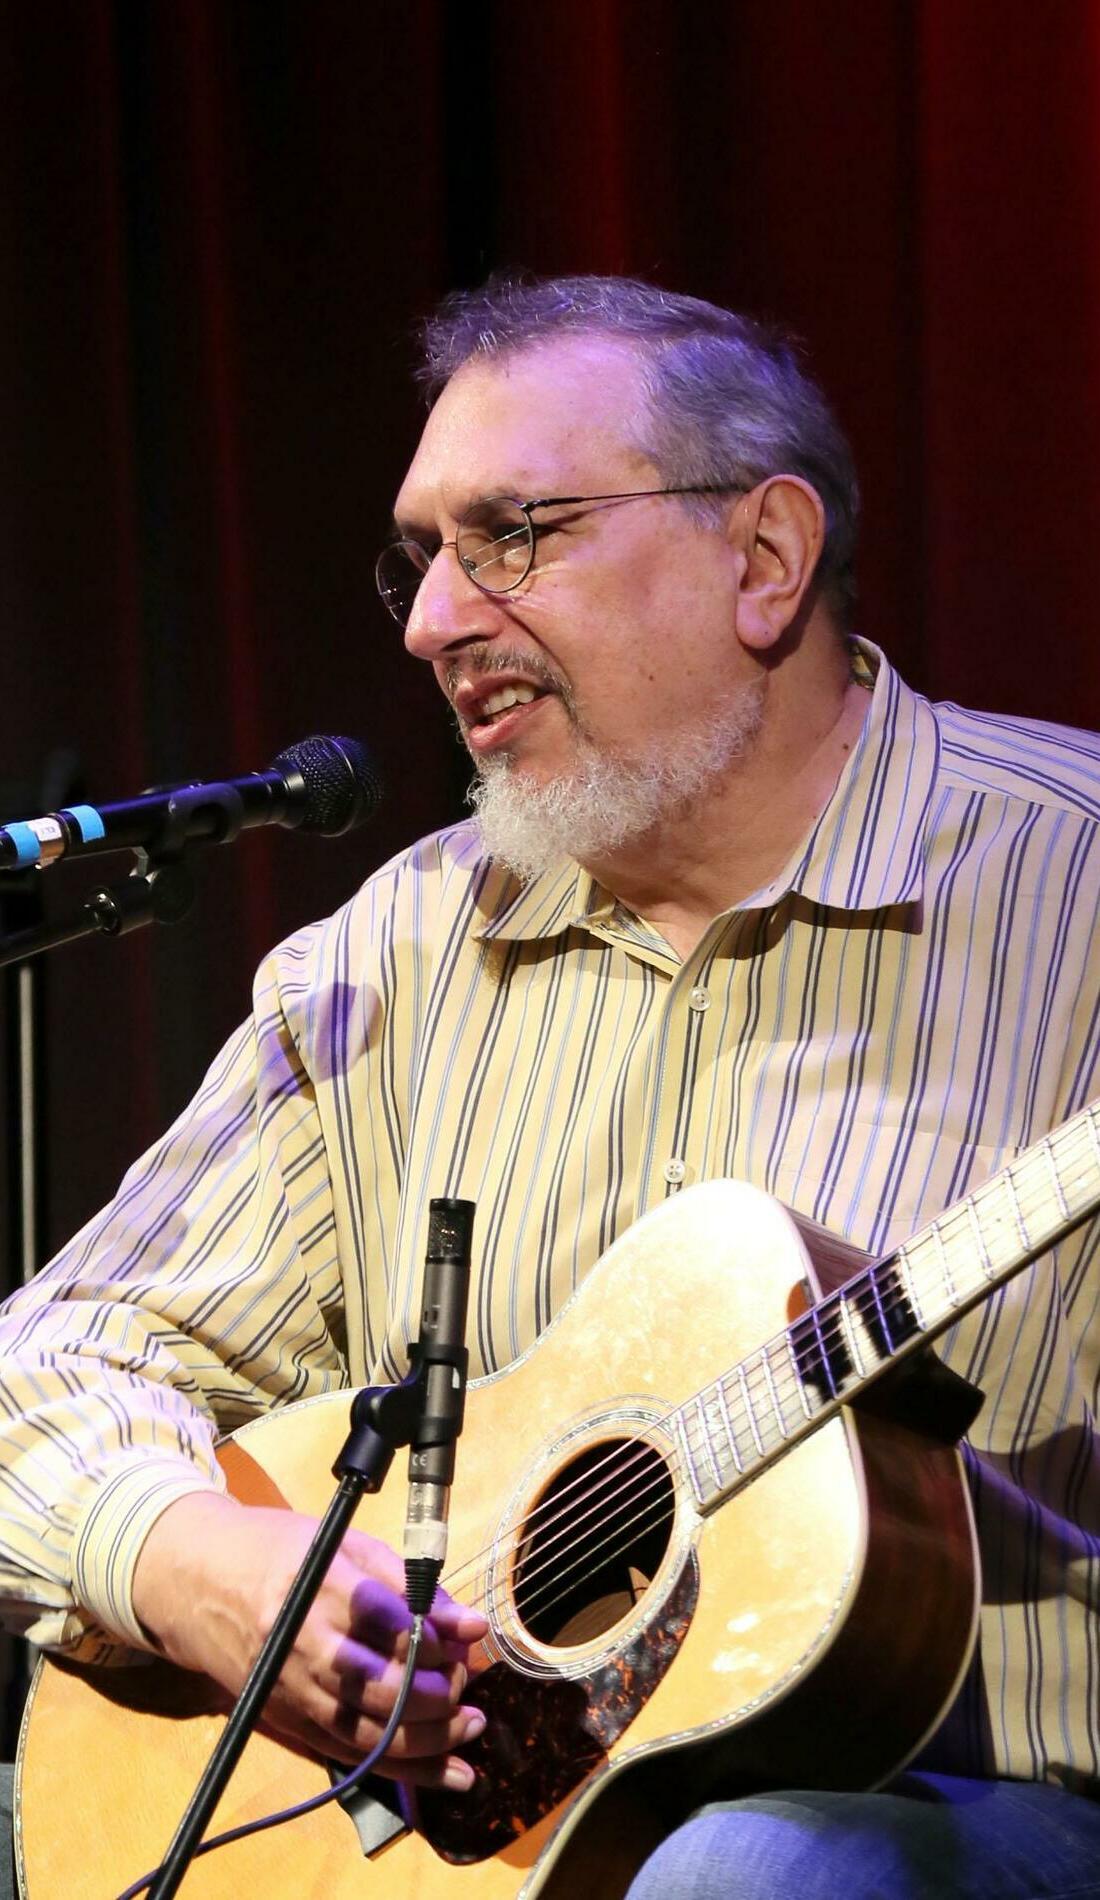 A David Bromberg live event